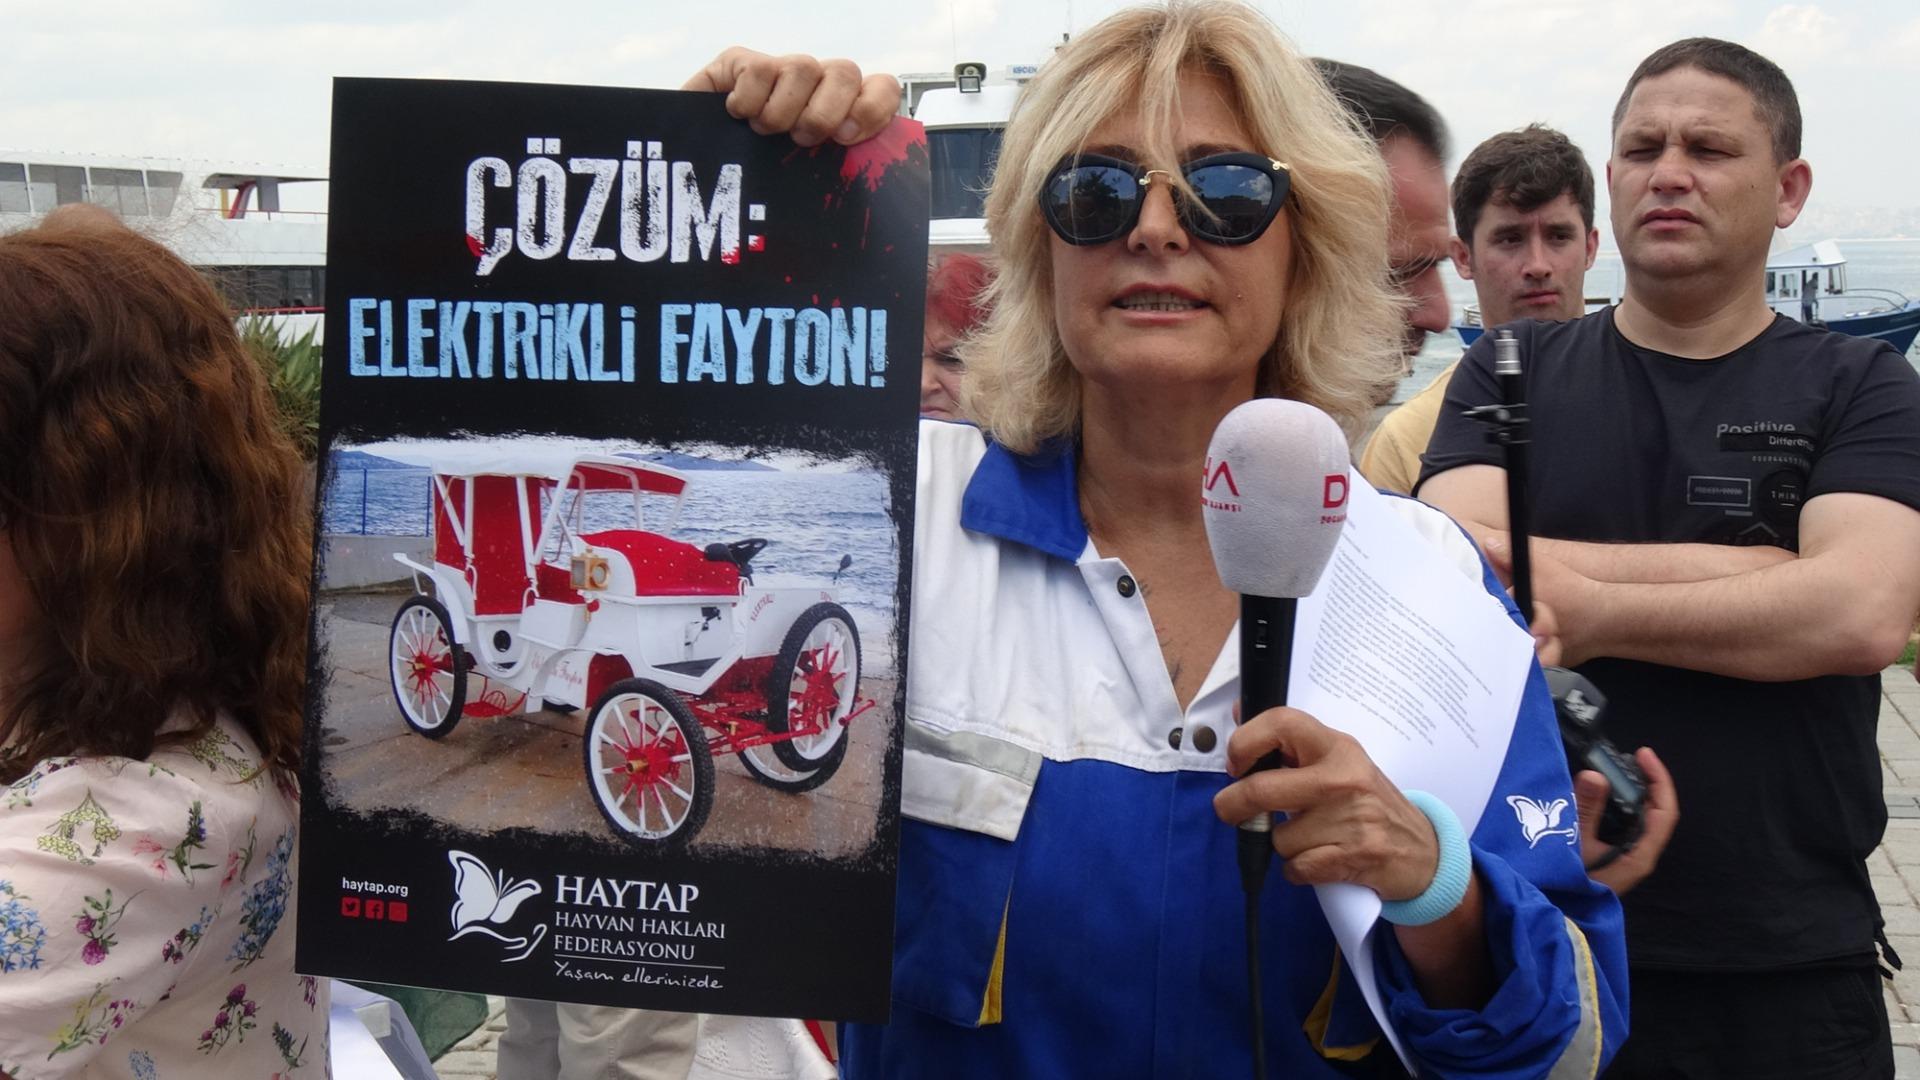 Büyükada'da fayton protestosu